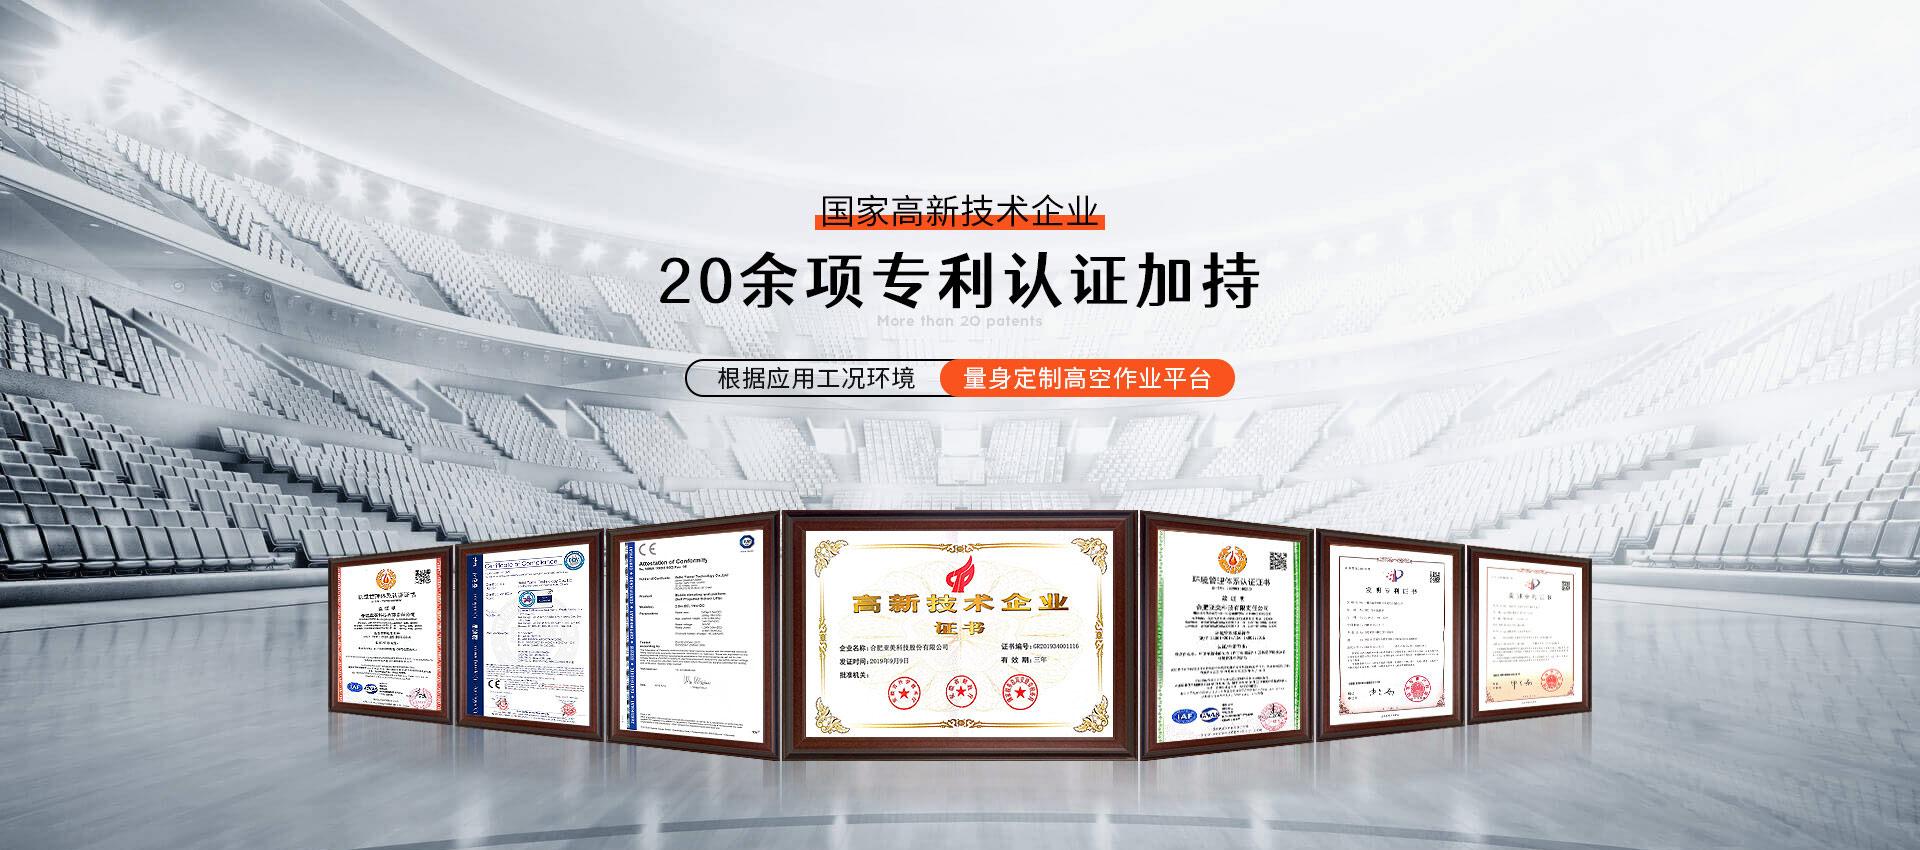 合肥亚美-国家高新技术企业,20余项专利认证加持